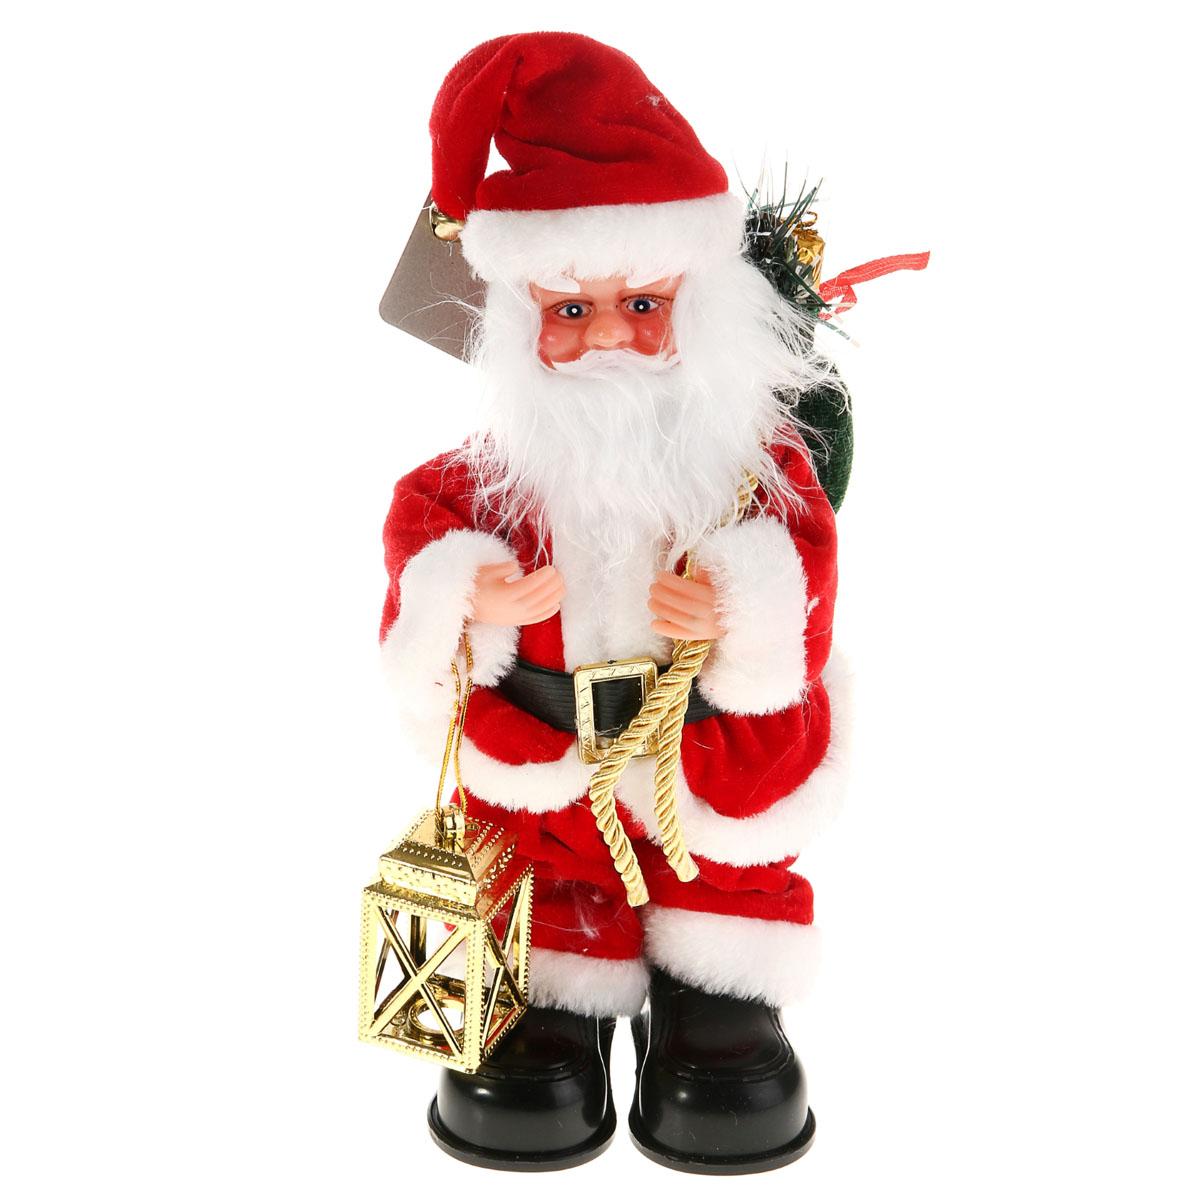 Новогодняя декоративная фигурка Sima-land Дед Мороз, анимированная, высота 28 см. 827819827819Новогодняя декоративная фигурка выполнена из высококачественного пластика в виде Деда Мороза. Дед Мороз одет в короткую шубу с опушкой, штаны и пластиковые сапоги. На голове колпак в цвет шубы с бубенцом. В одной руке Дед Мороз держит фонарь, а в другой мешок с подарками. Особенностью фигурки является наличие механизма, при включении которого играет мелодия, а кукла начинает шевелить руками и головой. Его добрый вид и очаровательная улыбка притягивают к себе восторженные взгляды. Декоративная фигурка Дед Мороз подойдет для оформления новогоднего интерьера и принесет с собой атмосферу радости и веселья. УВАЖАЕМЫЕ КЛИЕНТЫ! Обращаем ваше внимание на тот факт, что декоративная фигурка работает от двух батареек типа АА/R6/UM-3 напряжением 1,5V. Батарейки в комплект не входят.